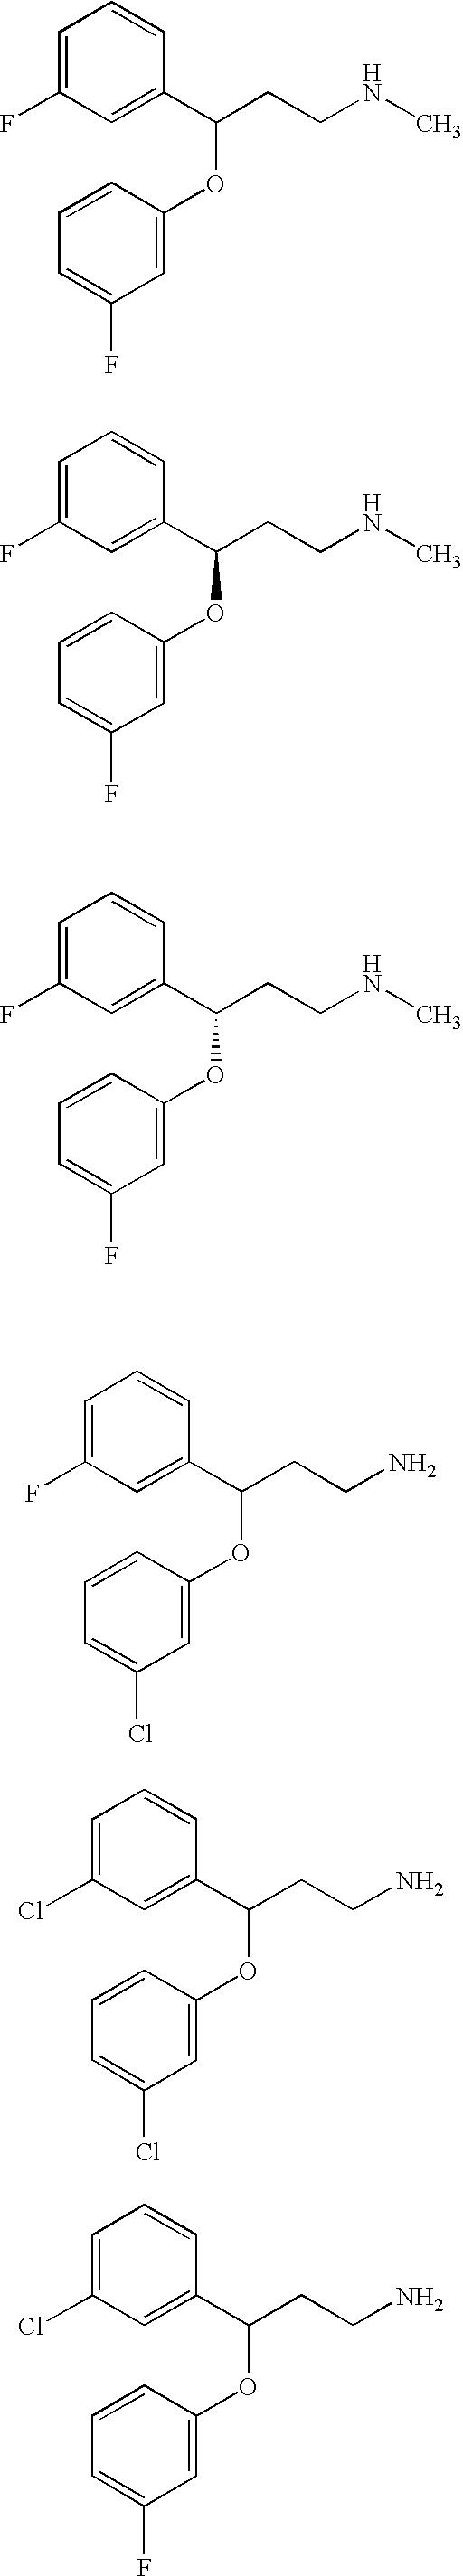 Figure US20050282859A1-20051222-C00074